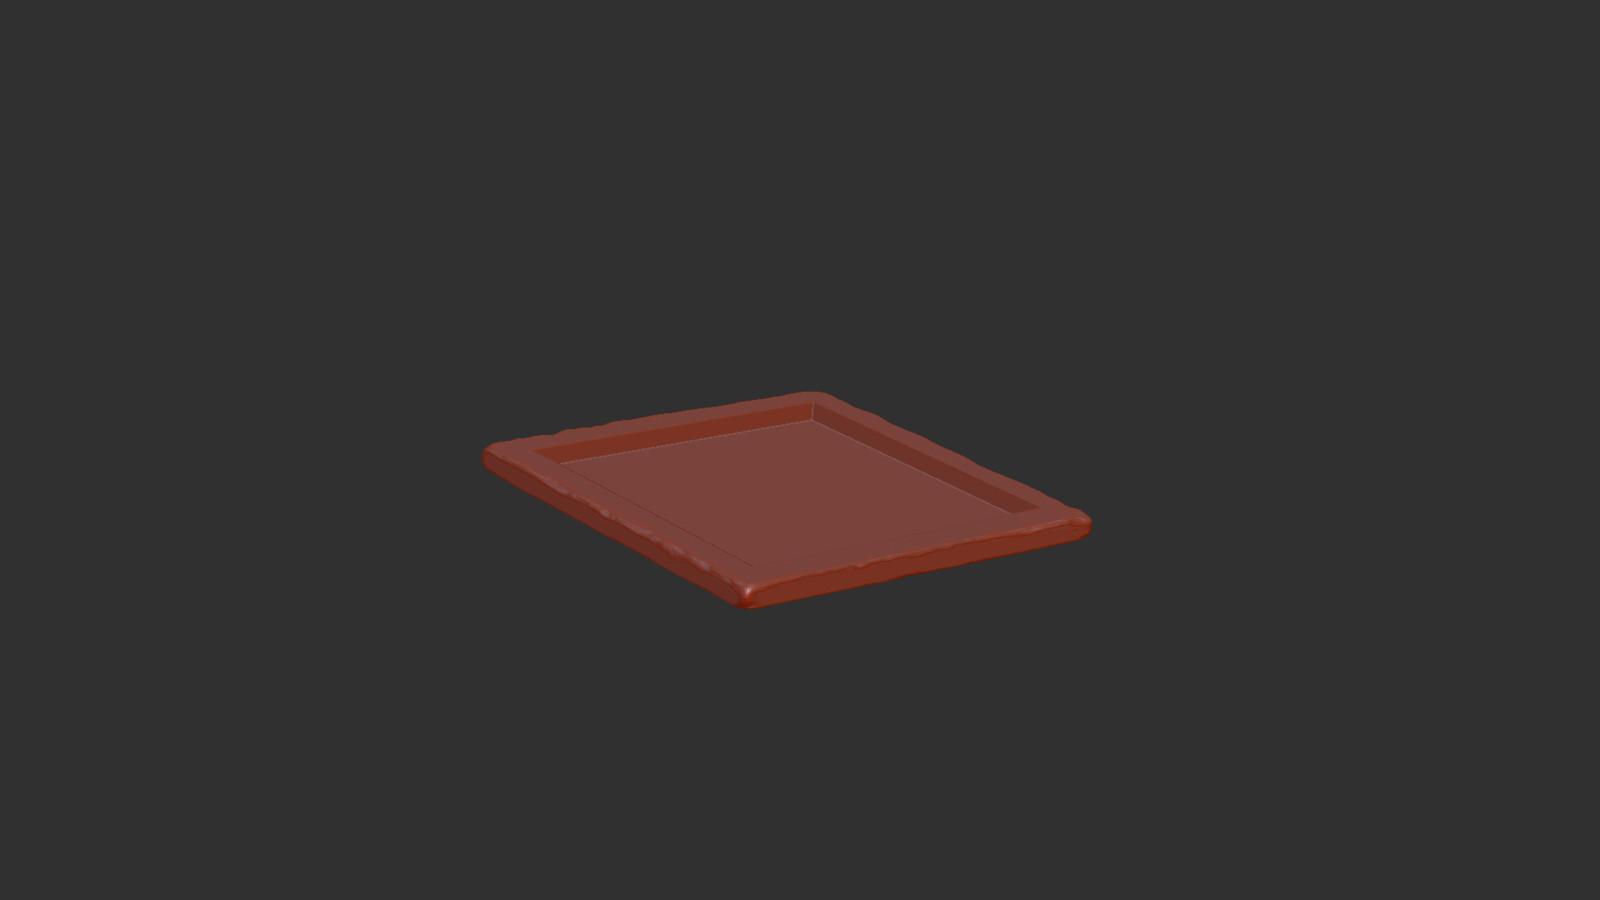 Quick edge sculpt of roof panels